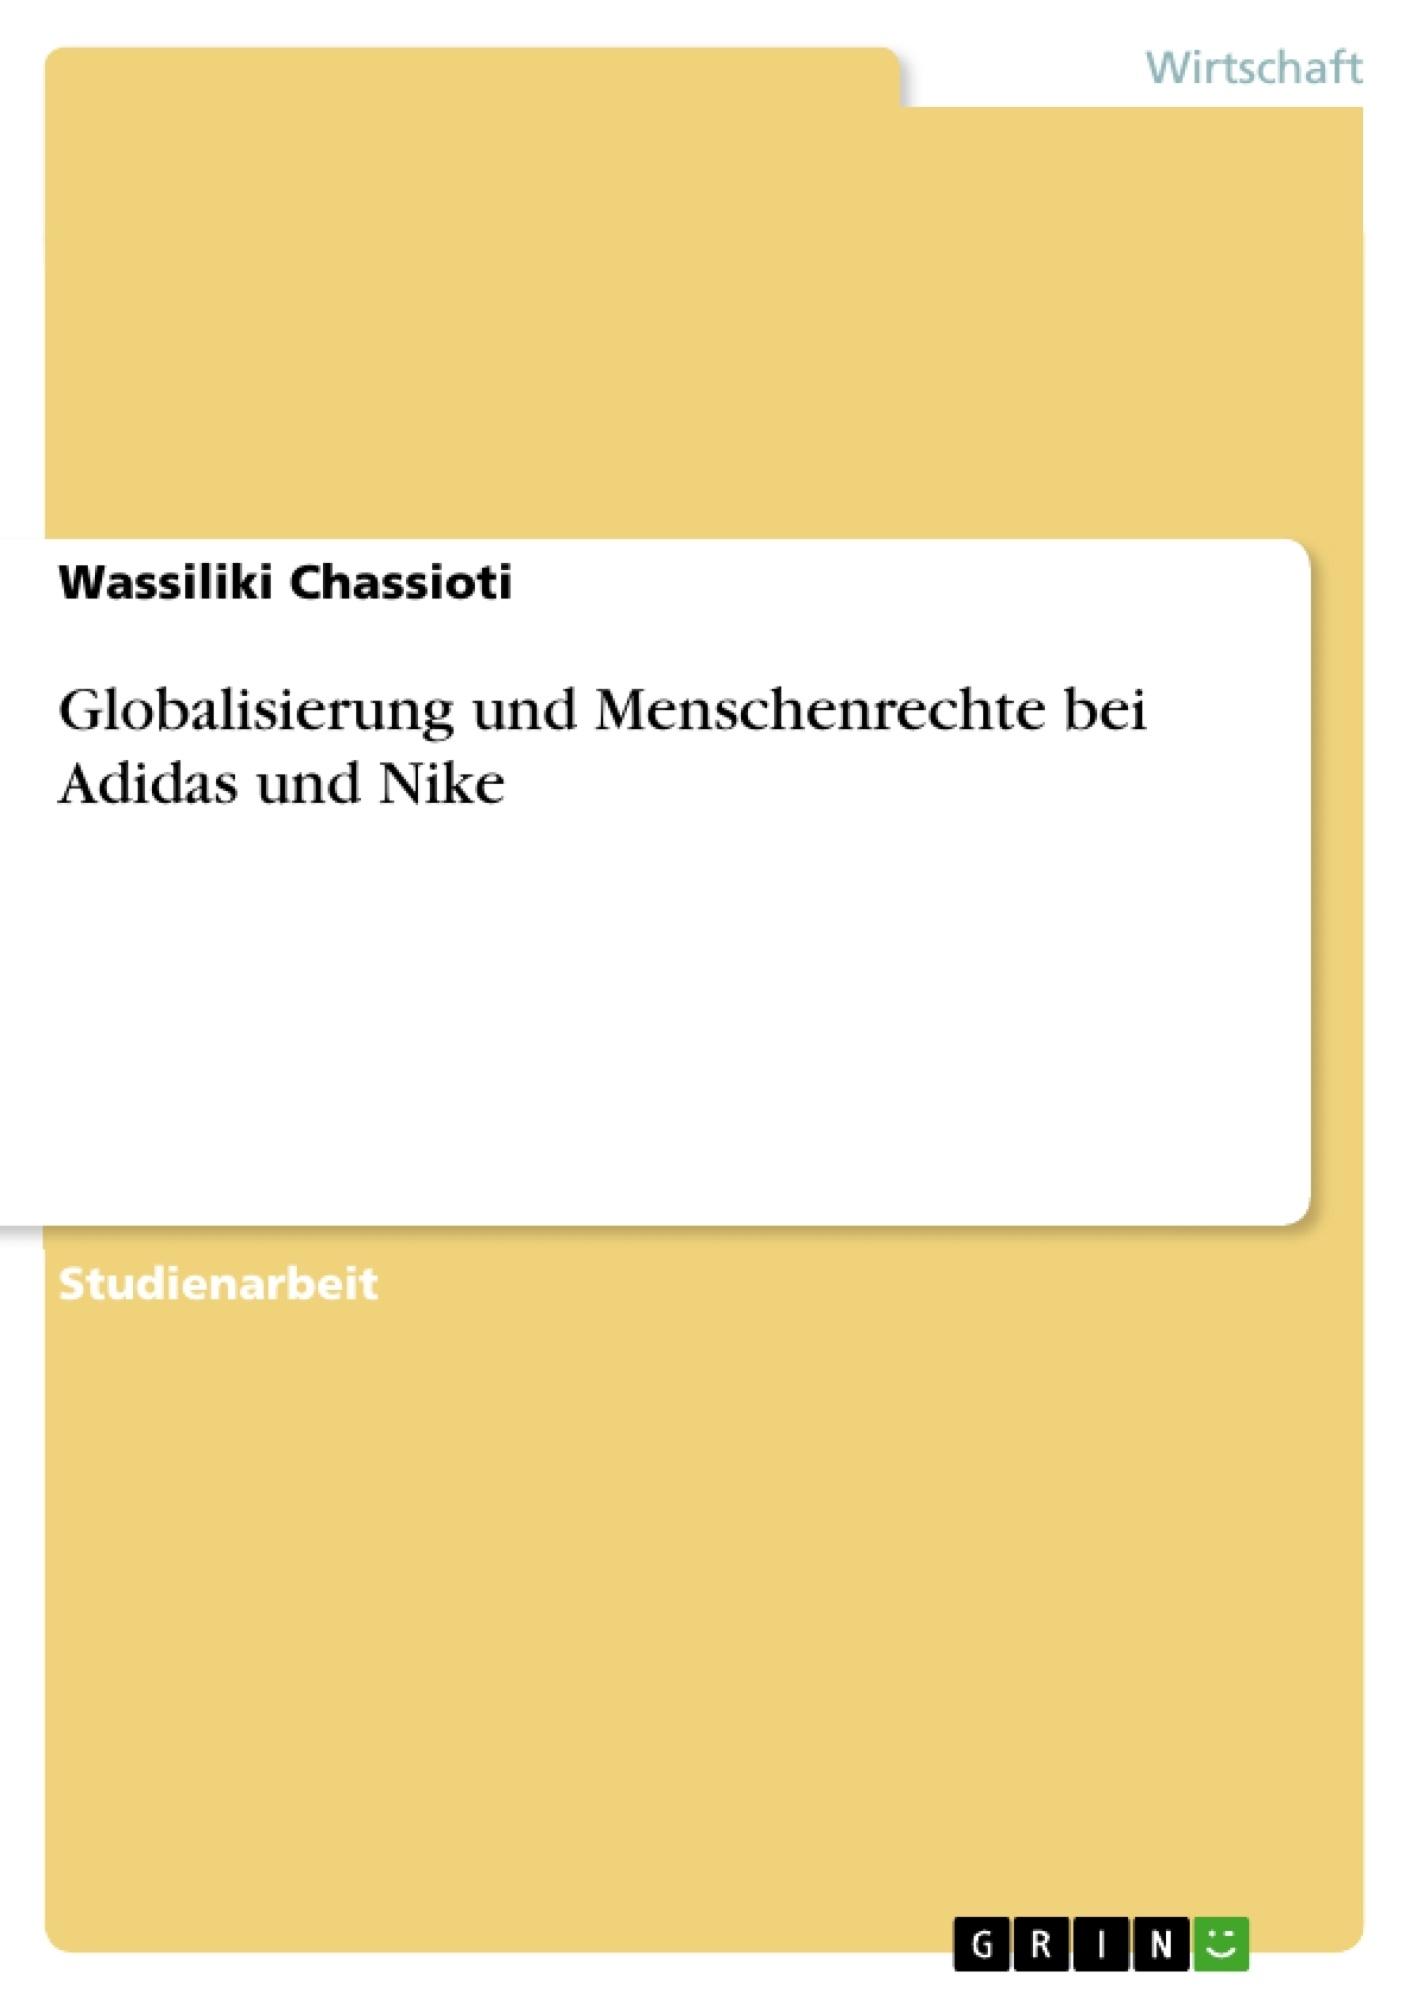 Titel: Globalisierung und Menschenrechte bei Adidas und Nike